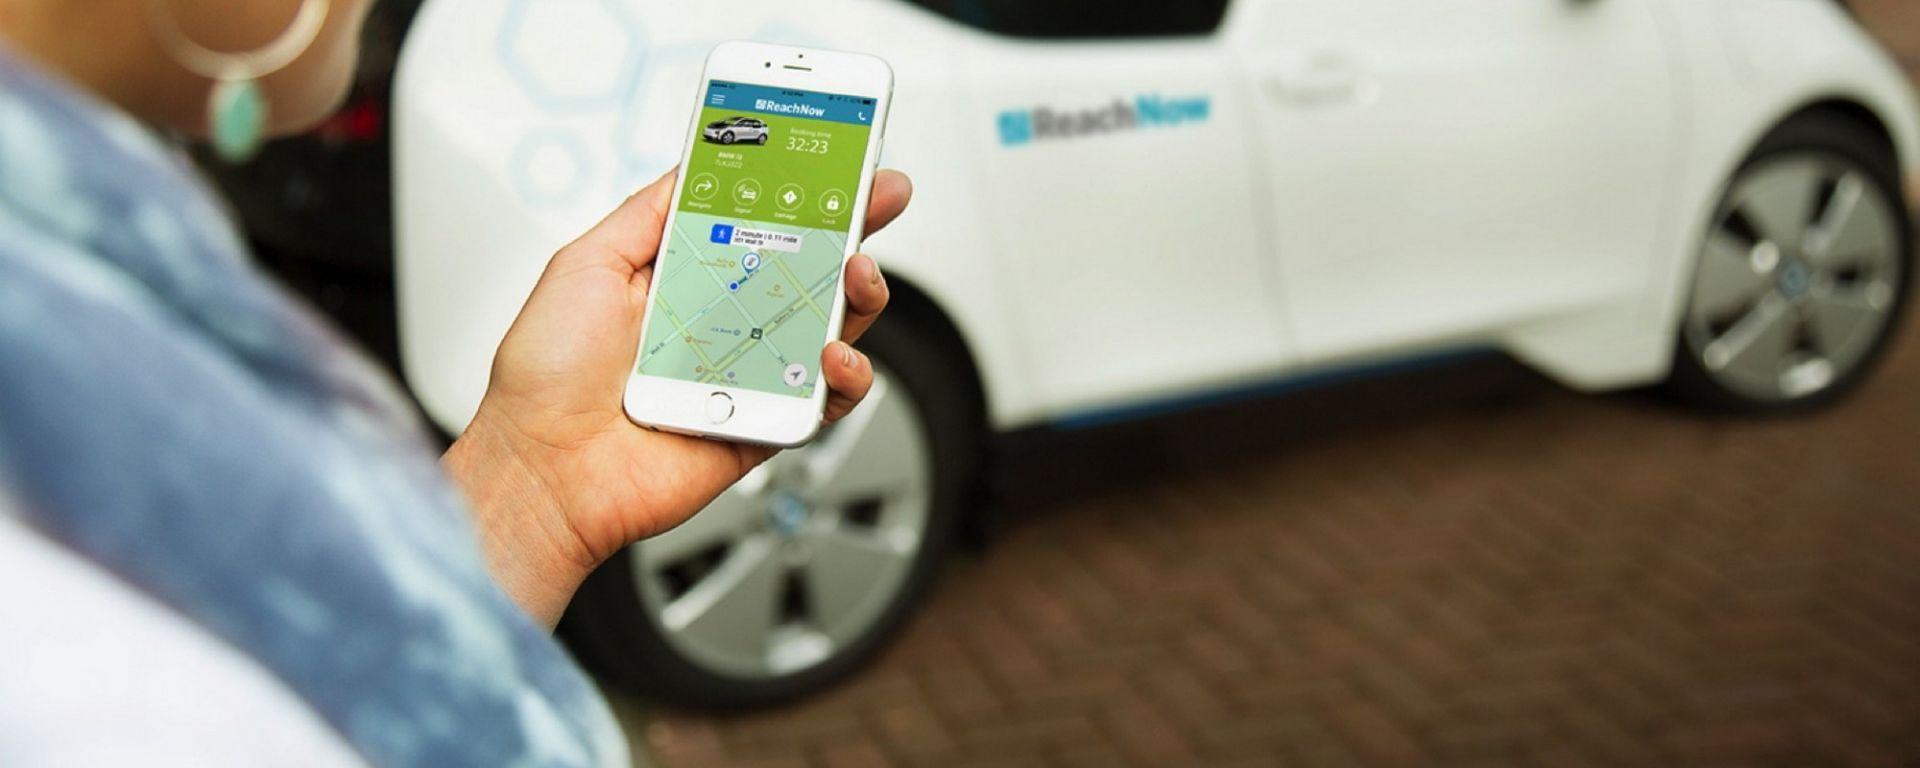 Auto di proprietà, col car sharing è in calo